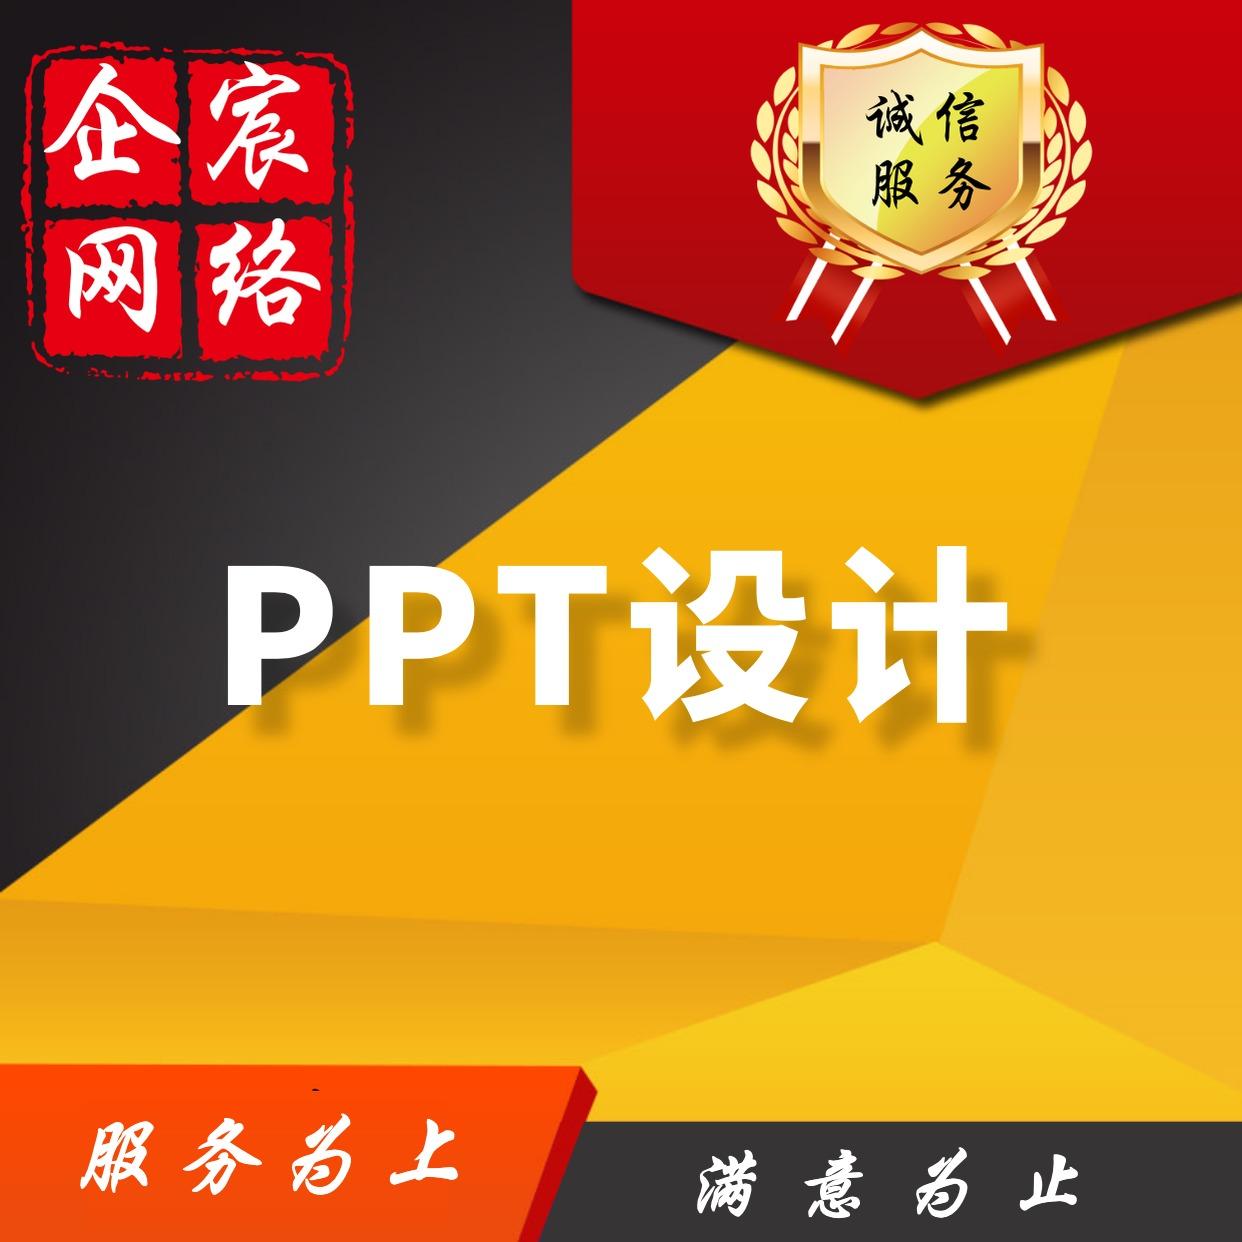 【PPT策划】PPT策划制作设计排版美化PPT模版路演制作